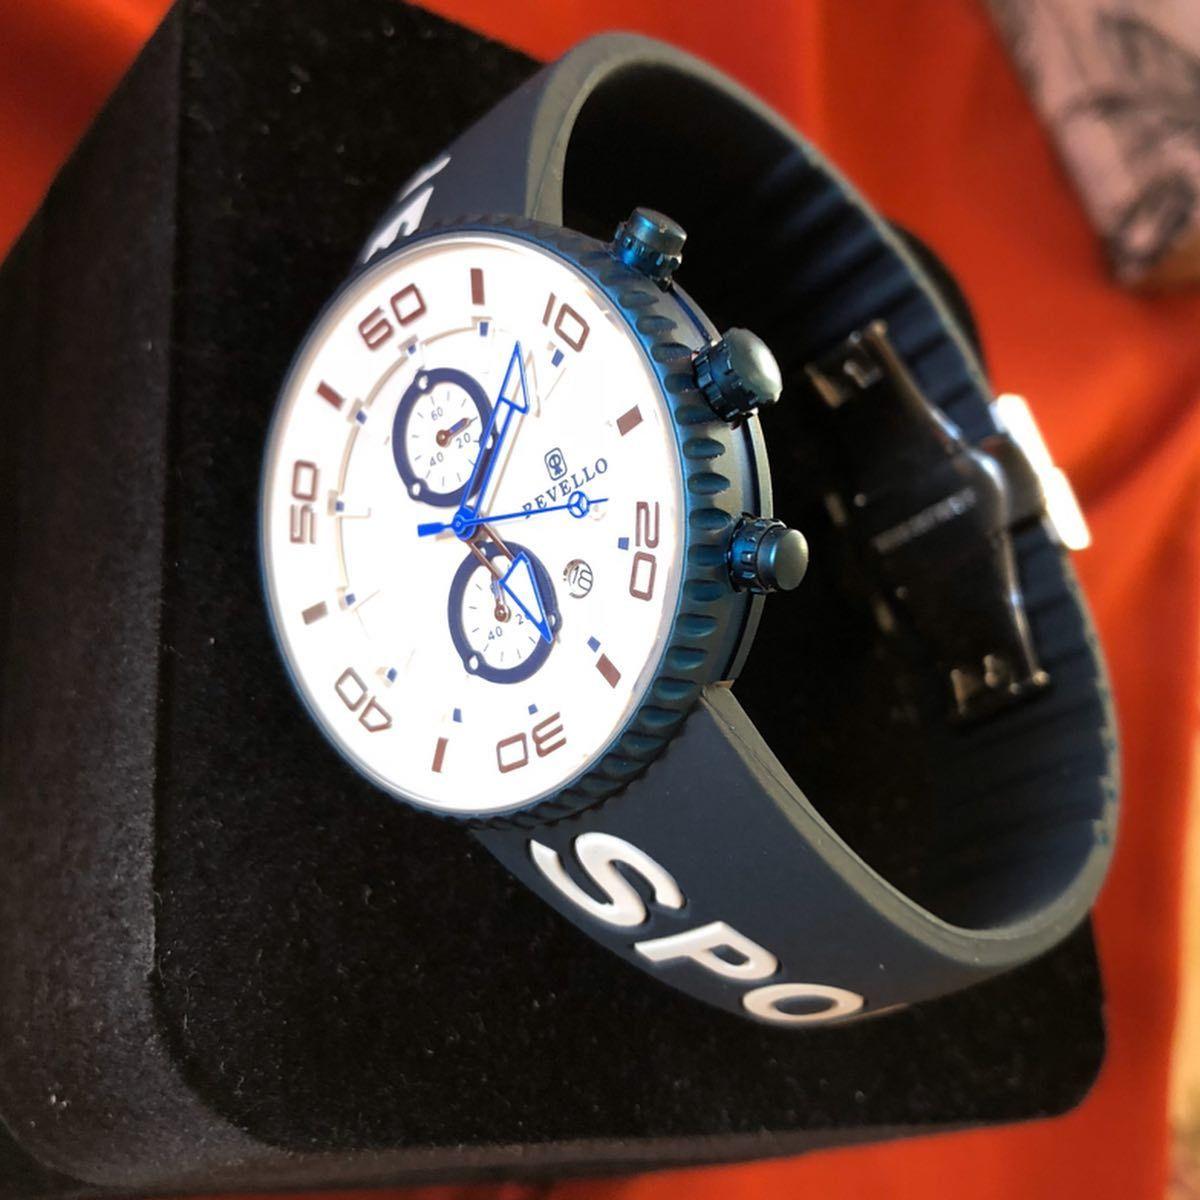 Revello Erkek Kol Saati Orijinal Etiketli Ve Calisir Durumda In 2020 Breitling Watch Accessories Breitling